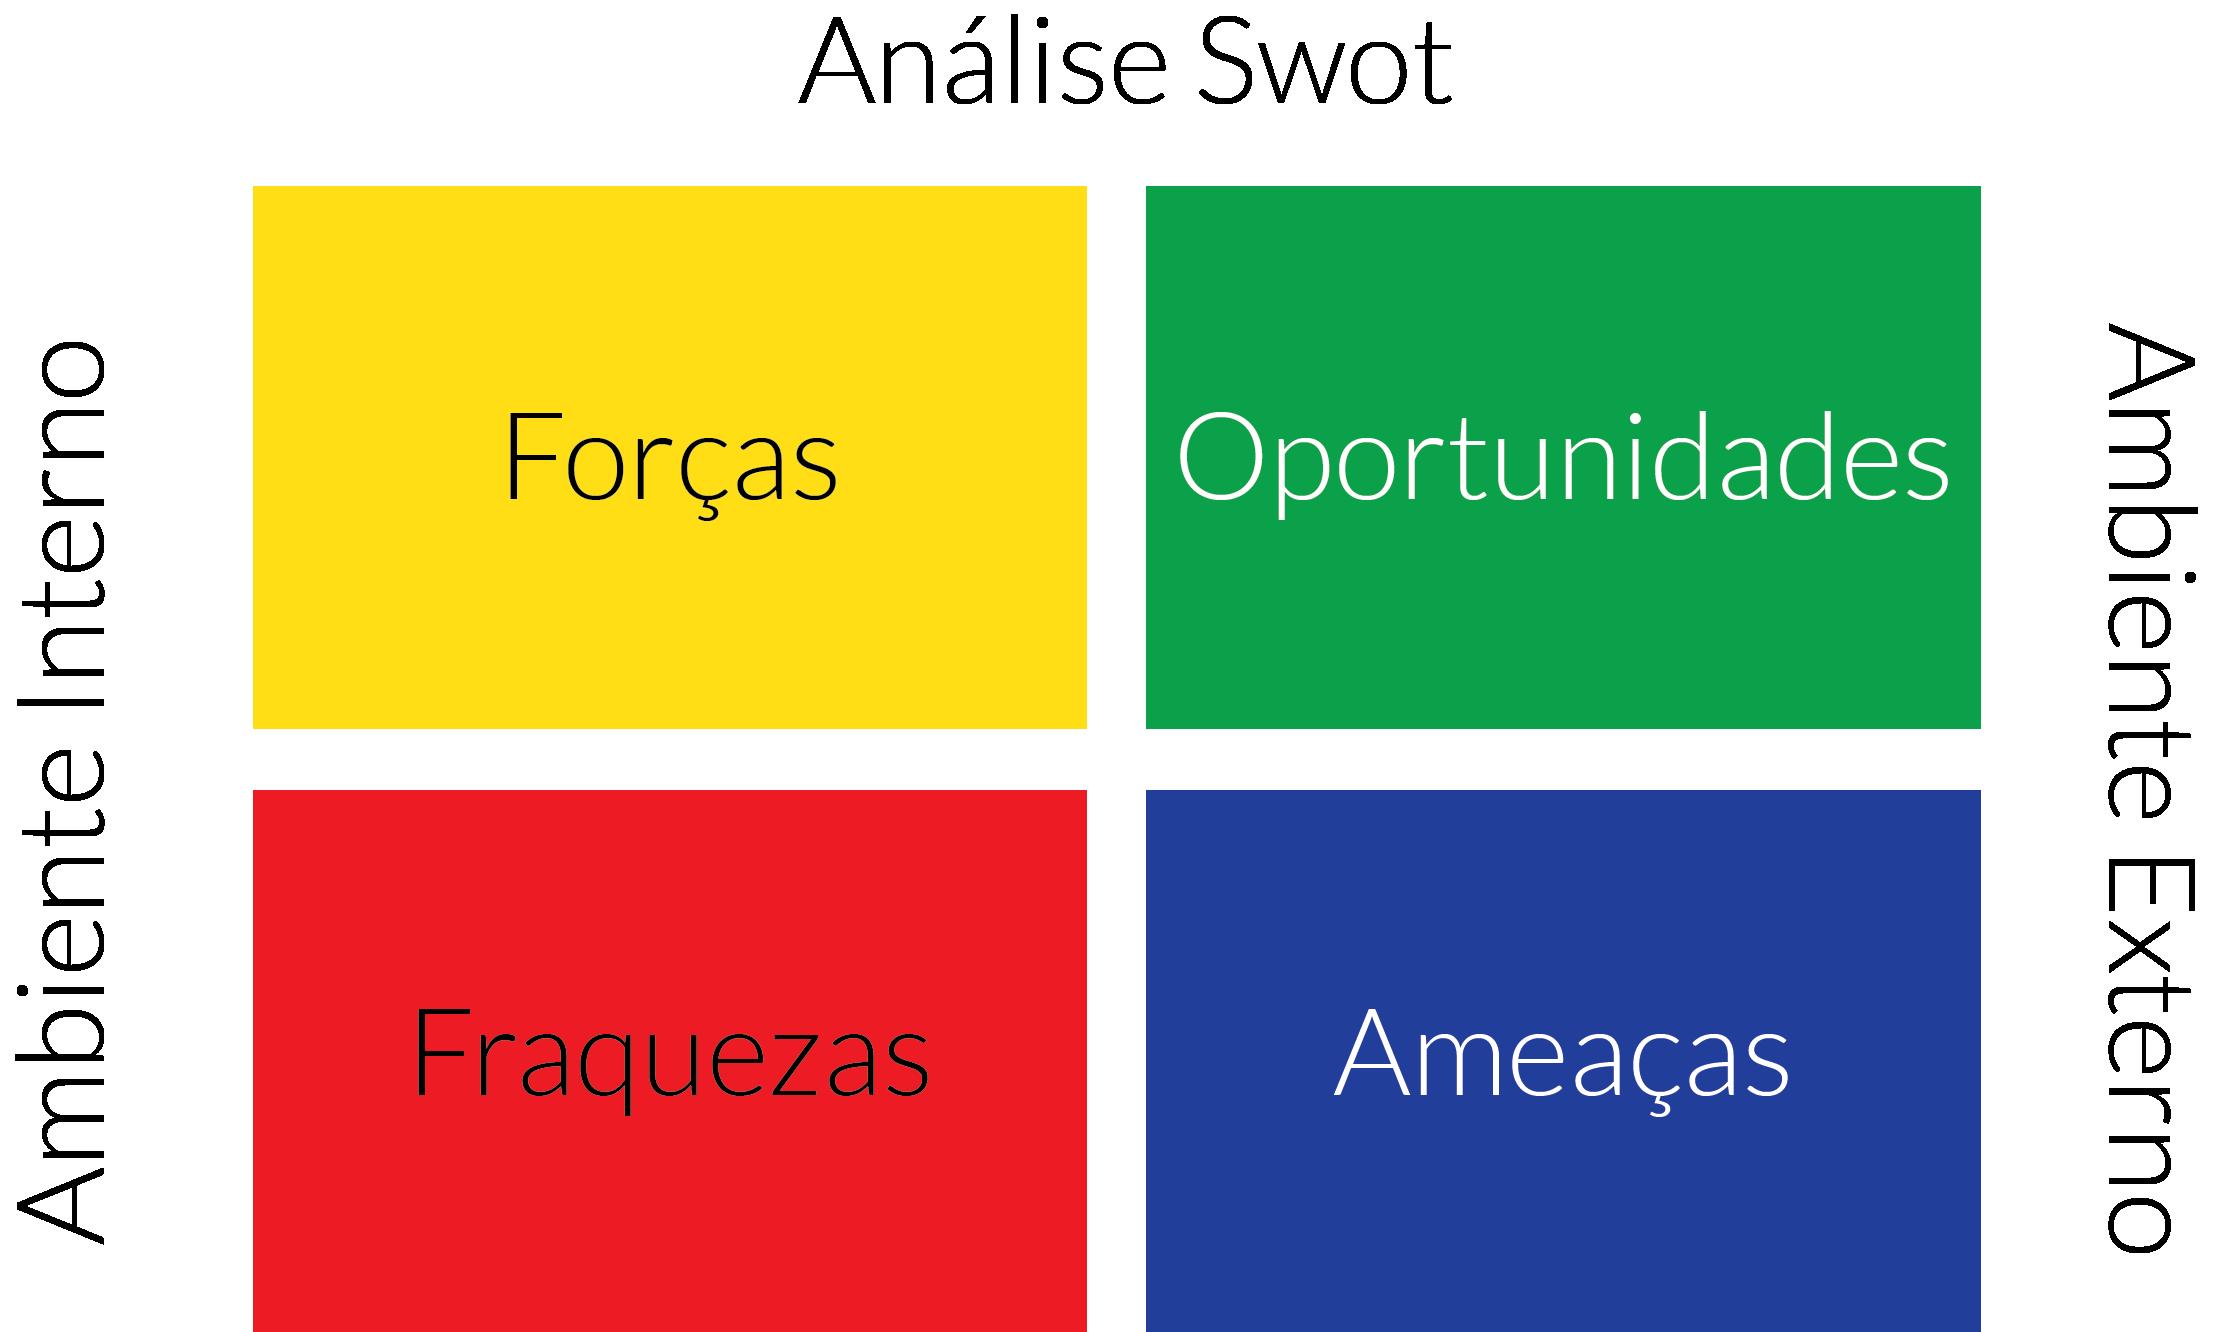 ilustração da análise swot, uma das partes importantes do planejamento estratégico